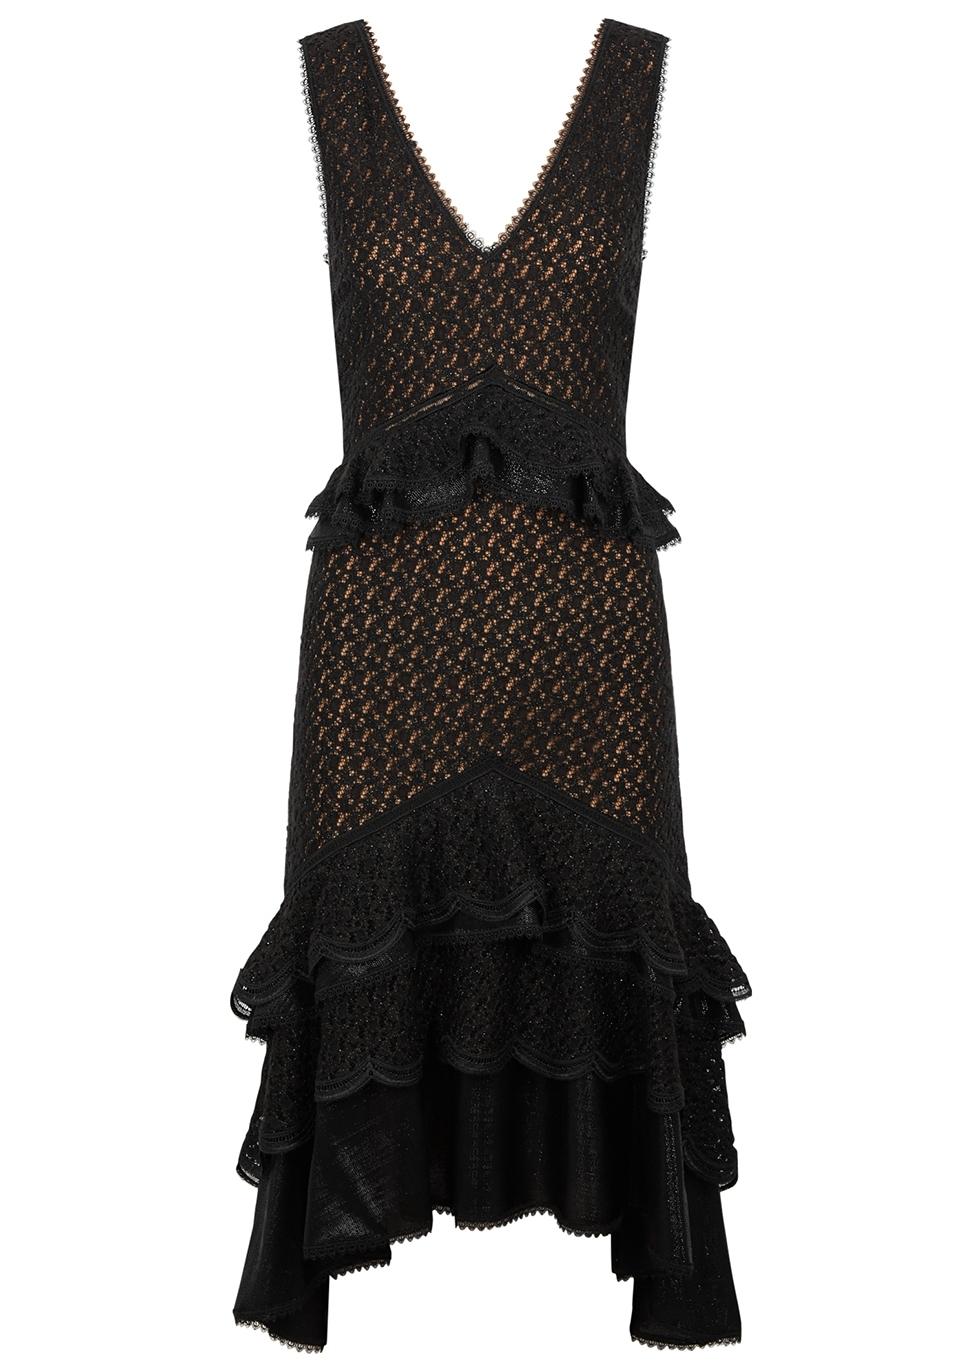 83b33ecc32 Designer Dresses   Designer Gowns - Harvey Nichols